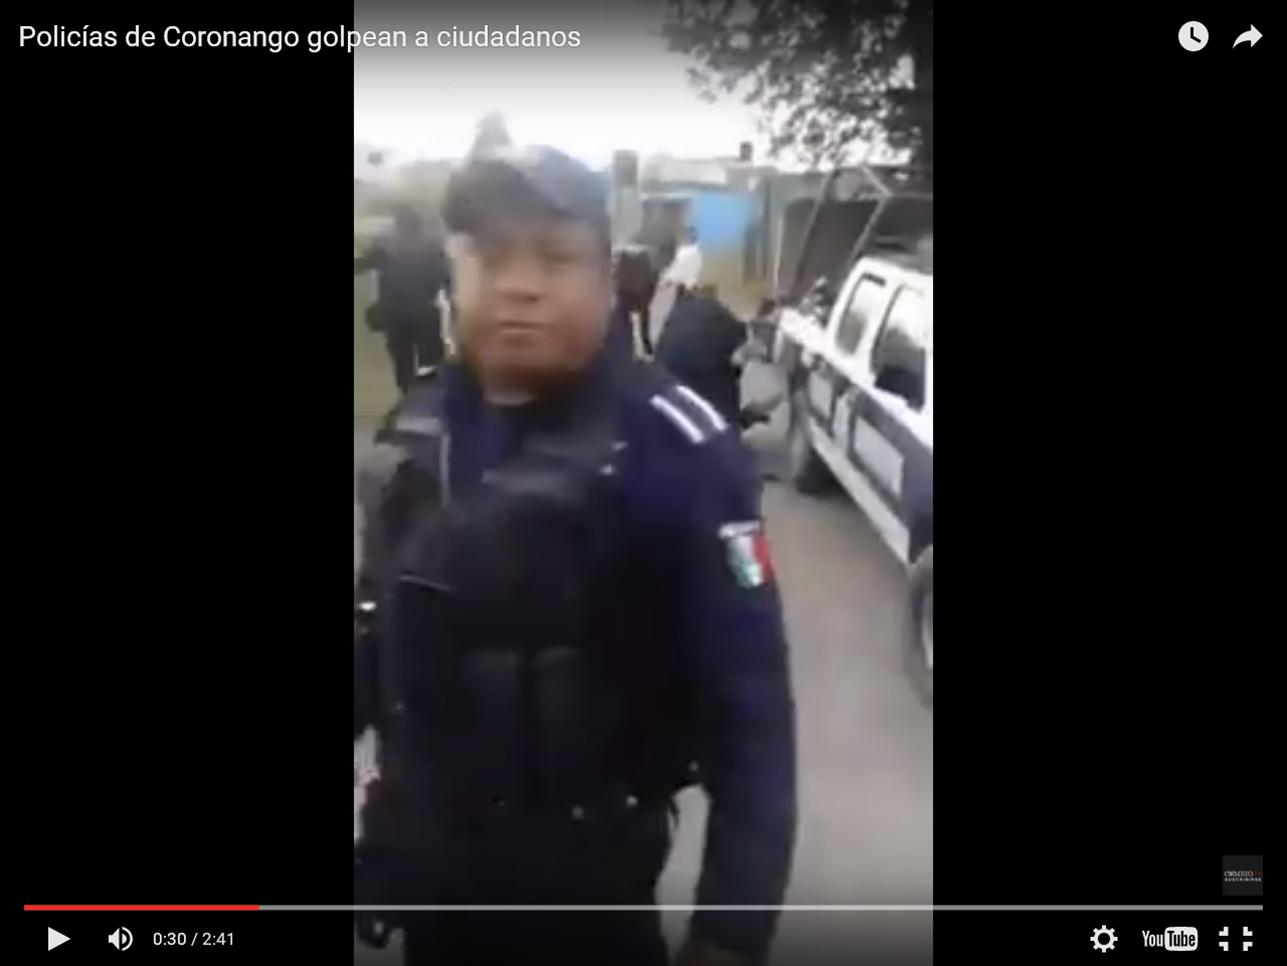 VIDEO: POLICIAS DE CORONANGO GOLPEAN A CIUDADANOS